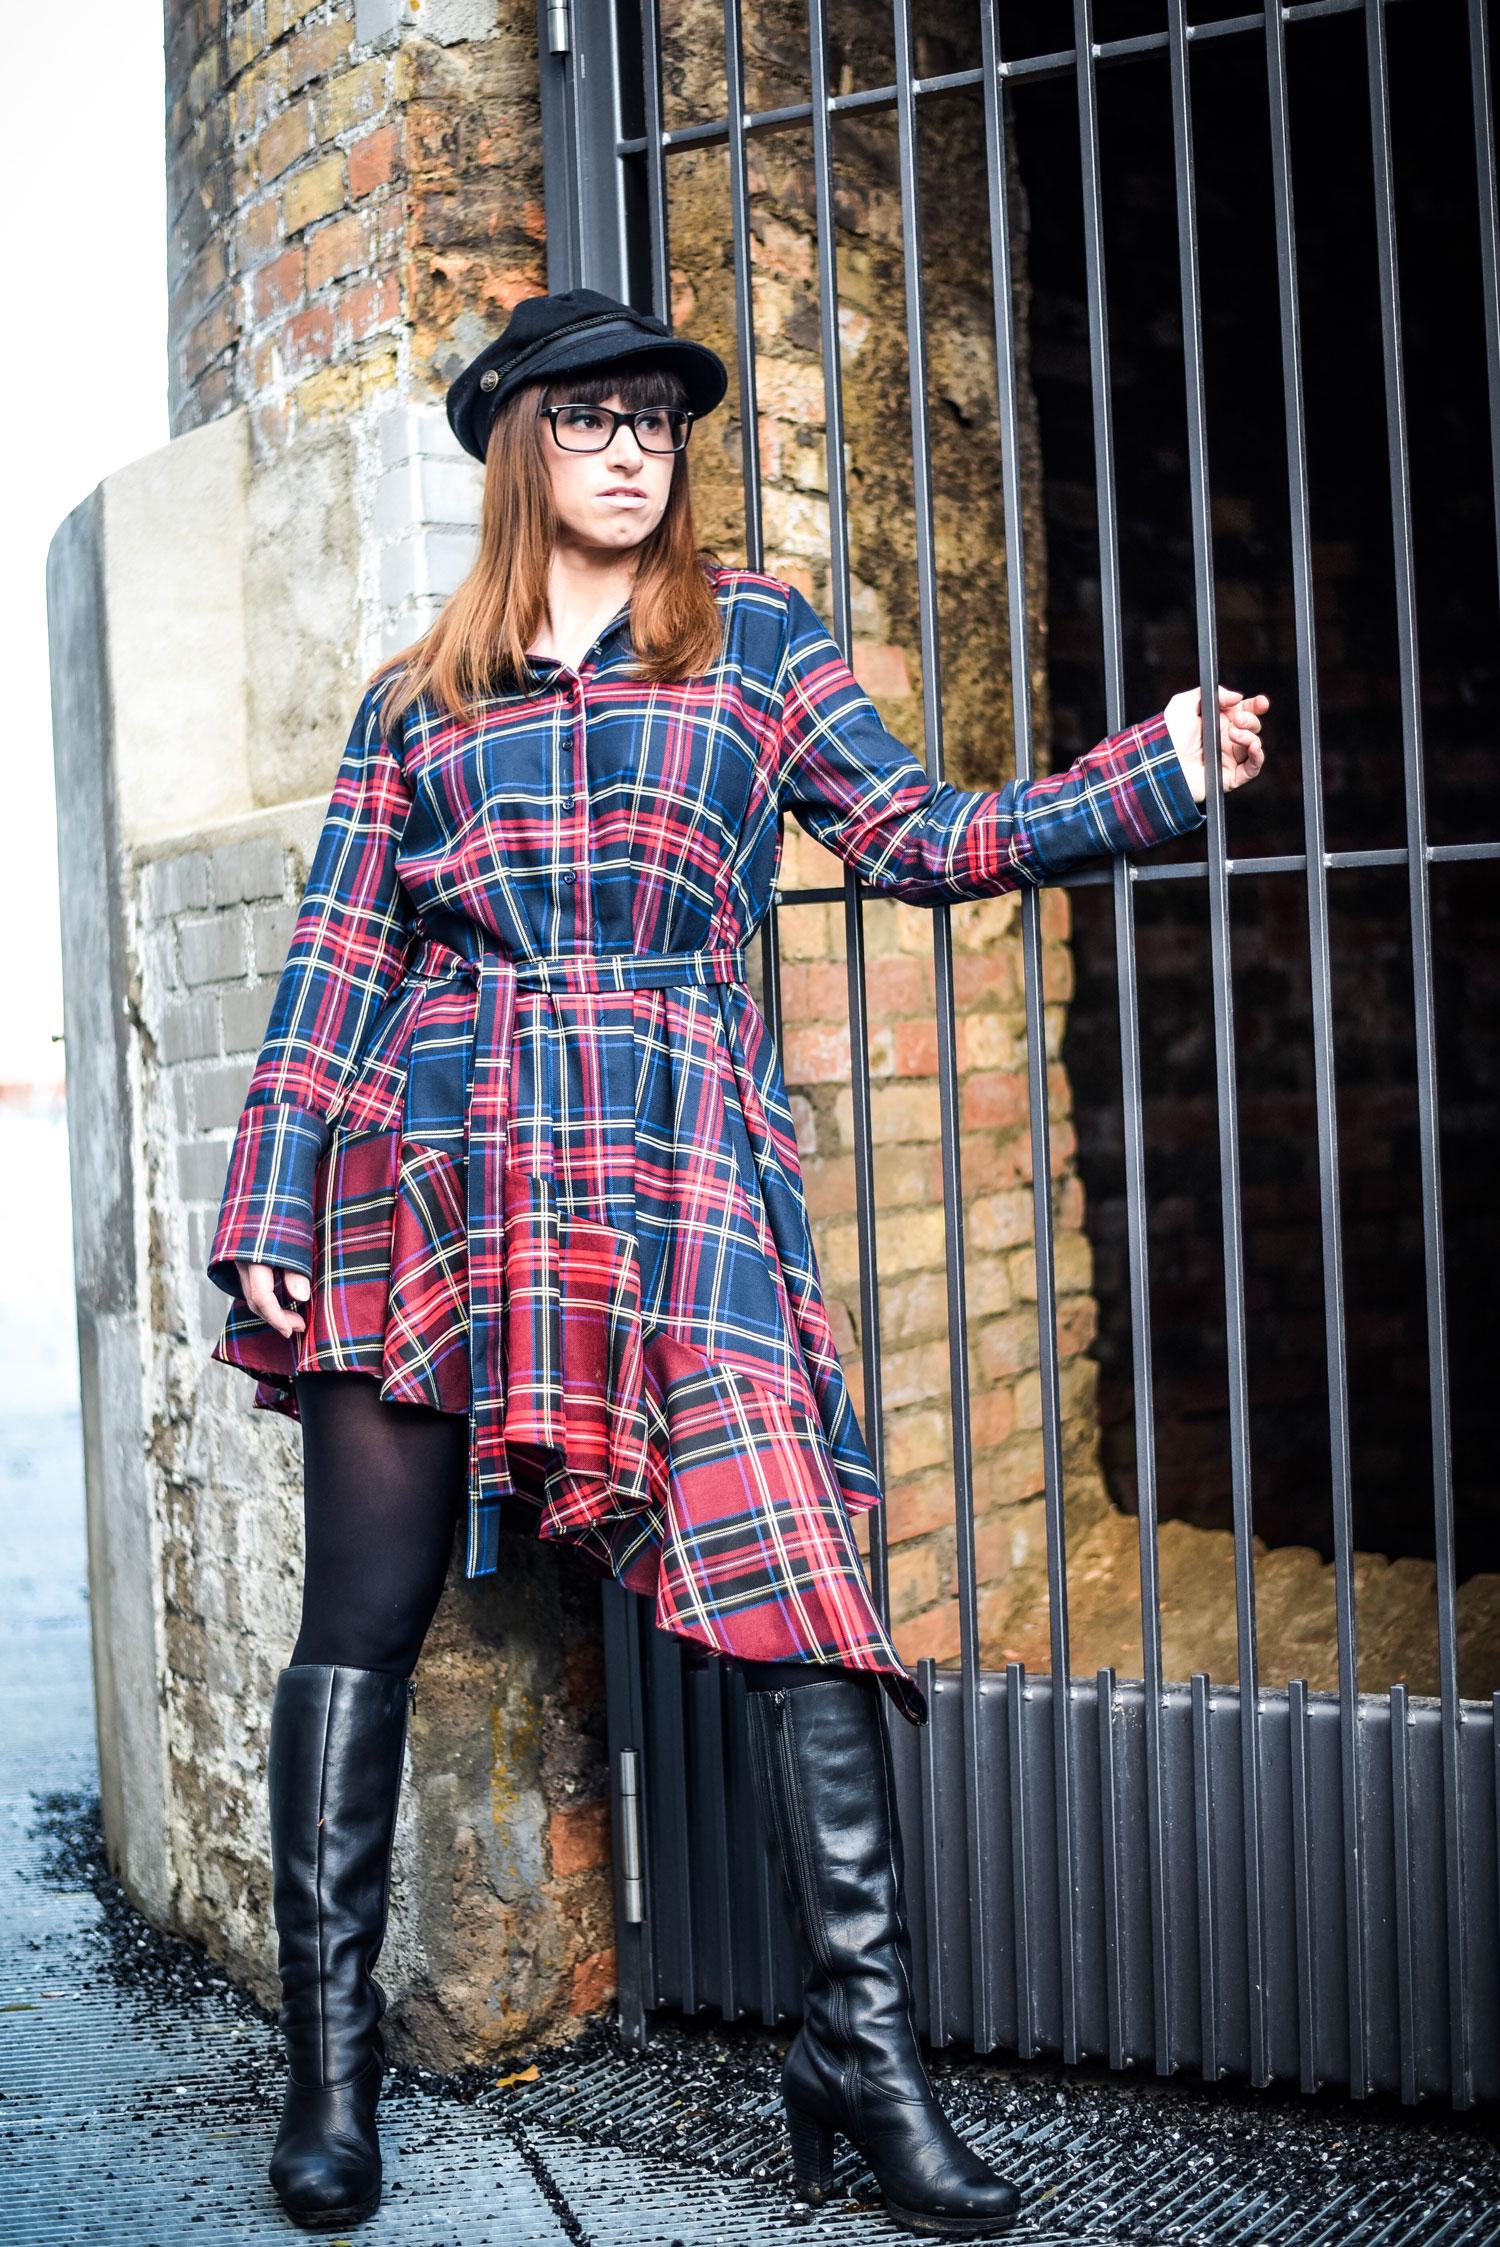 Saison: asymmetrische Kleidung mit Volants von Zara, Stiefel von hörli, Schiffermütze von Scotch&Soda